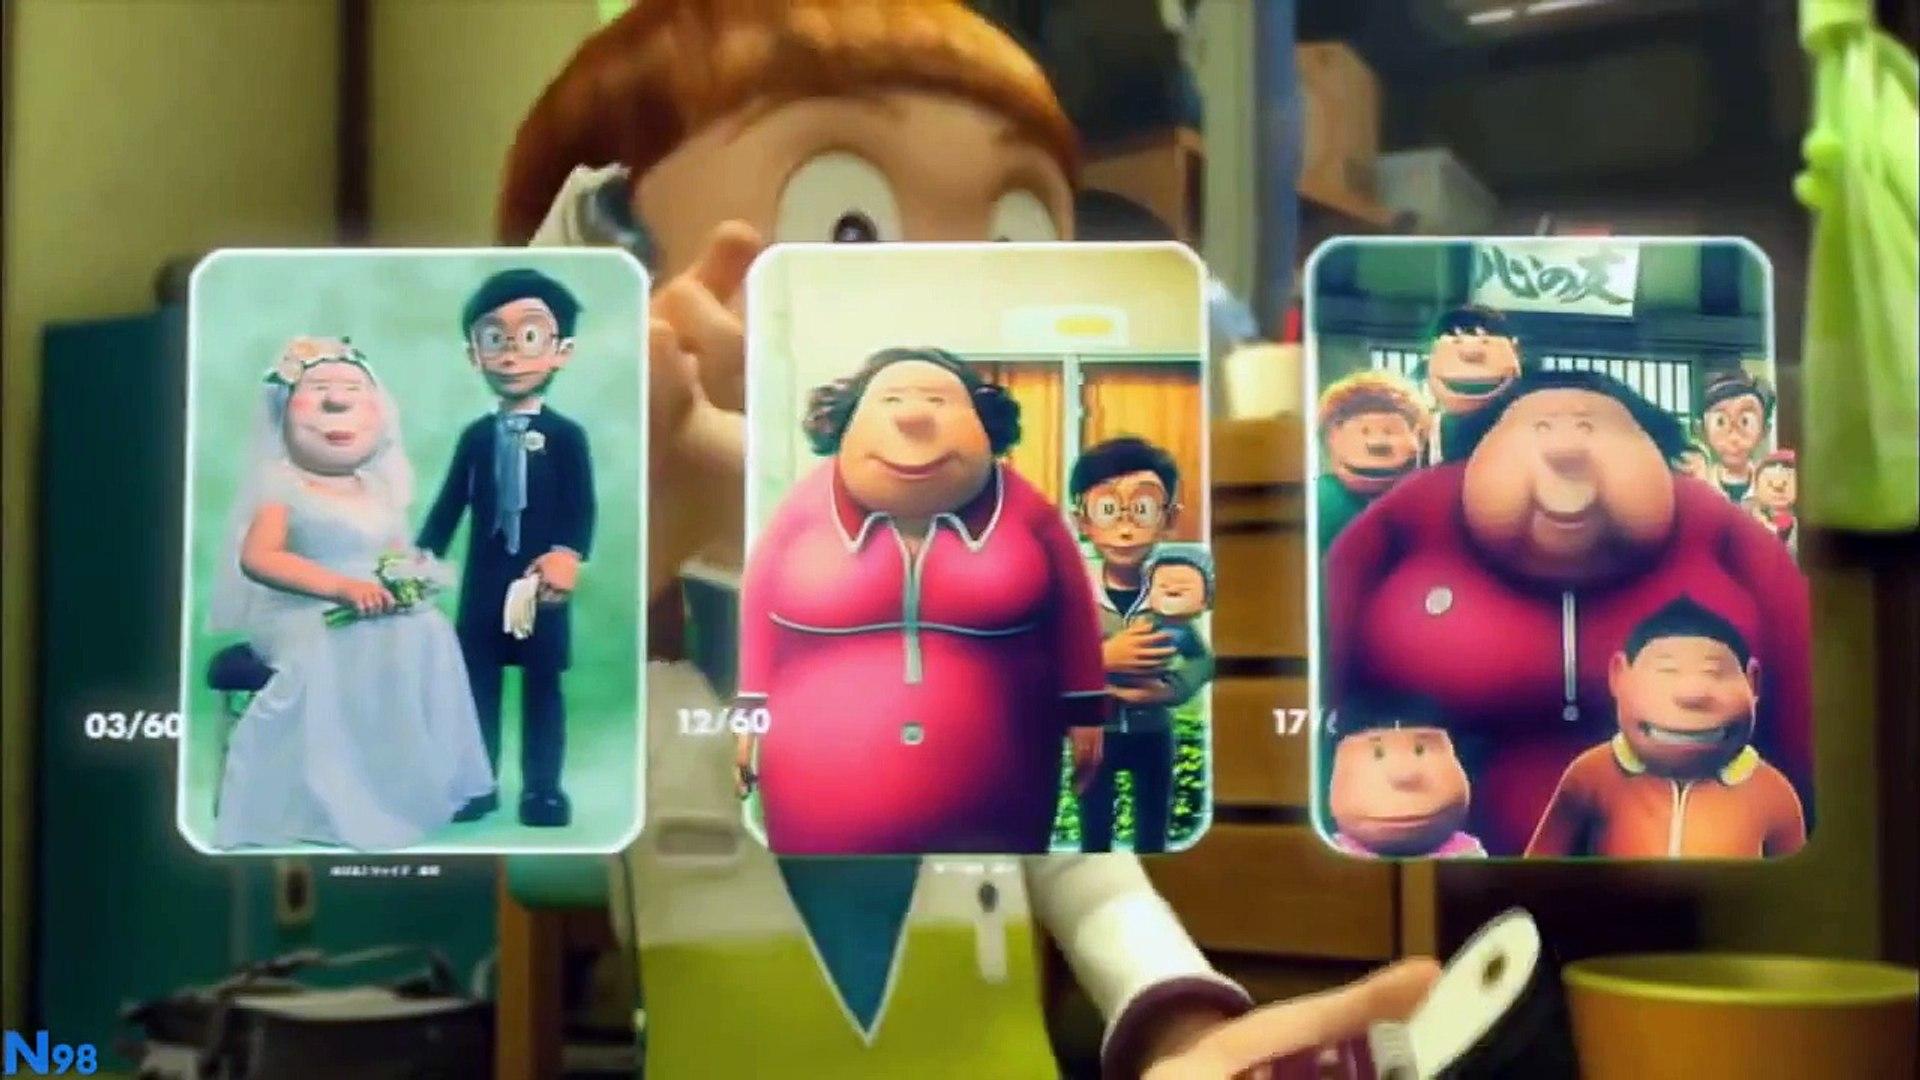 STAND BY ME QUÉDATE CONMIGO DORAEMON PELICULA 3D COMPLETA EN ESPAÑOL 2015 -  video dailymotion